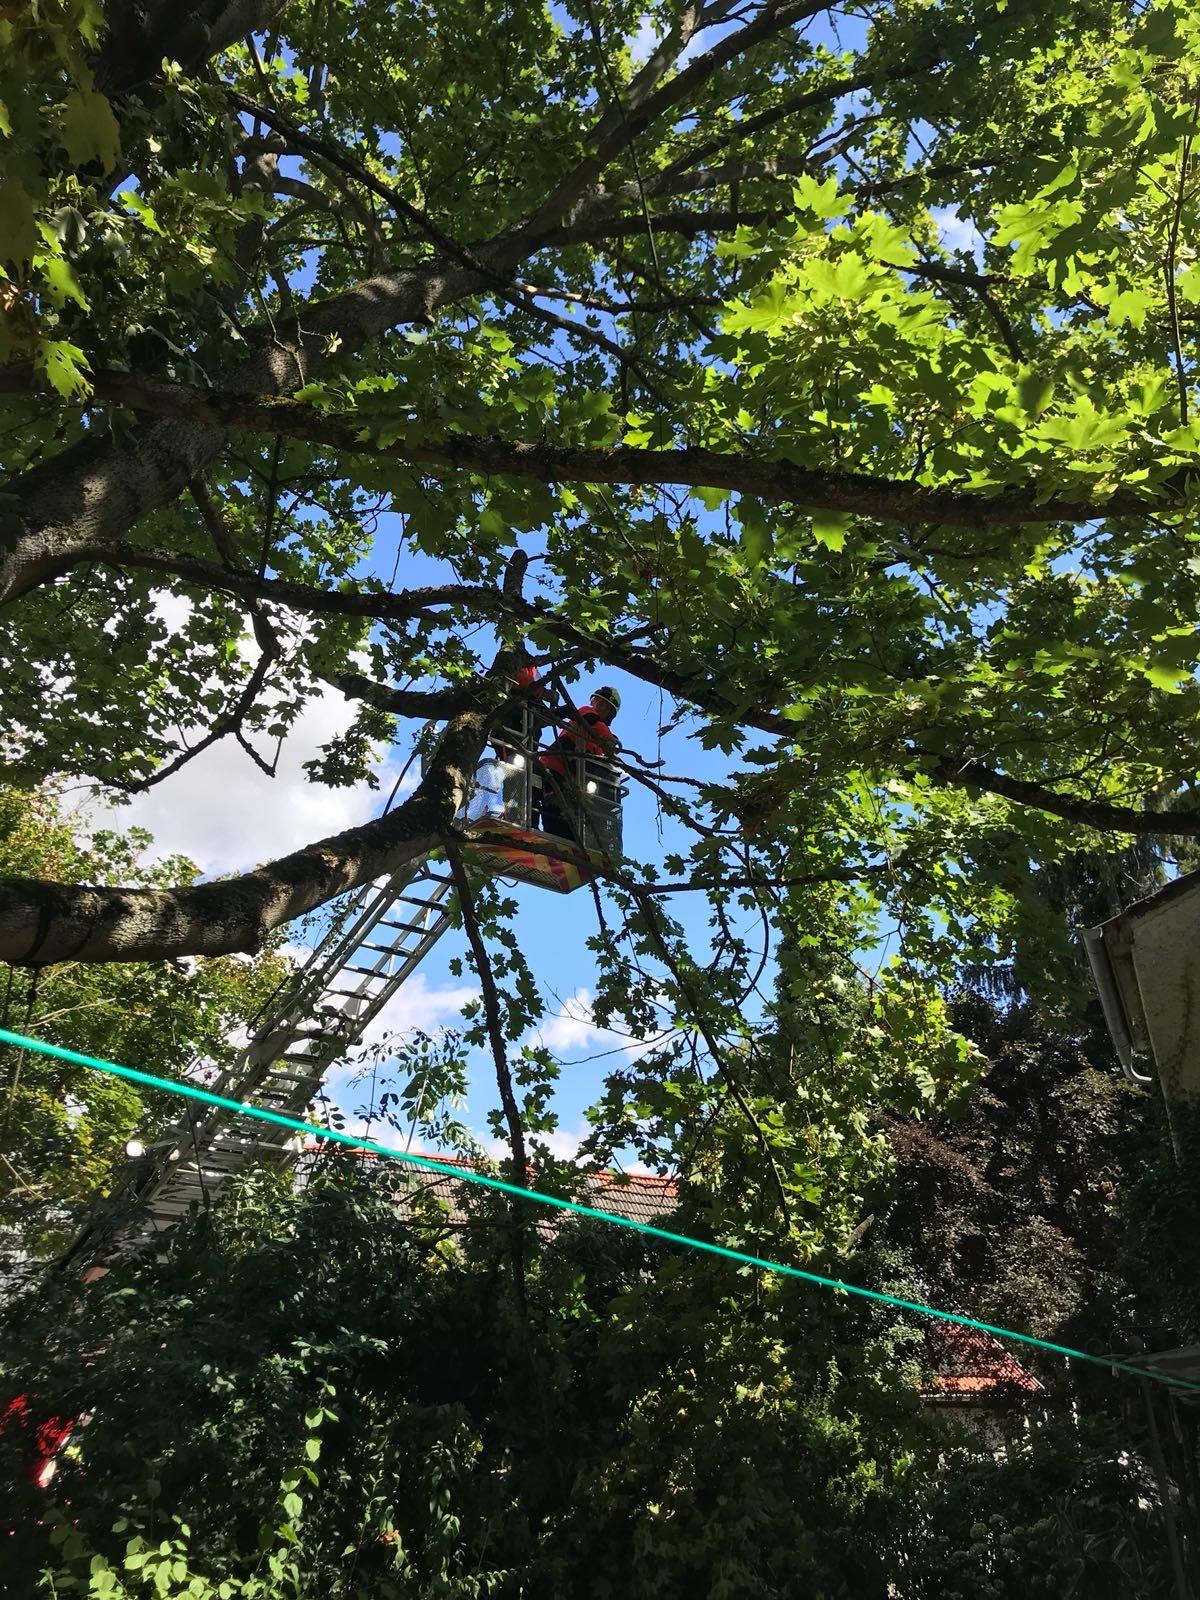 H1 Baum droht umzustürzen 07 2018-08-11